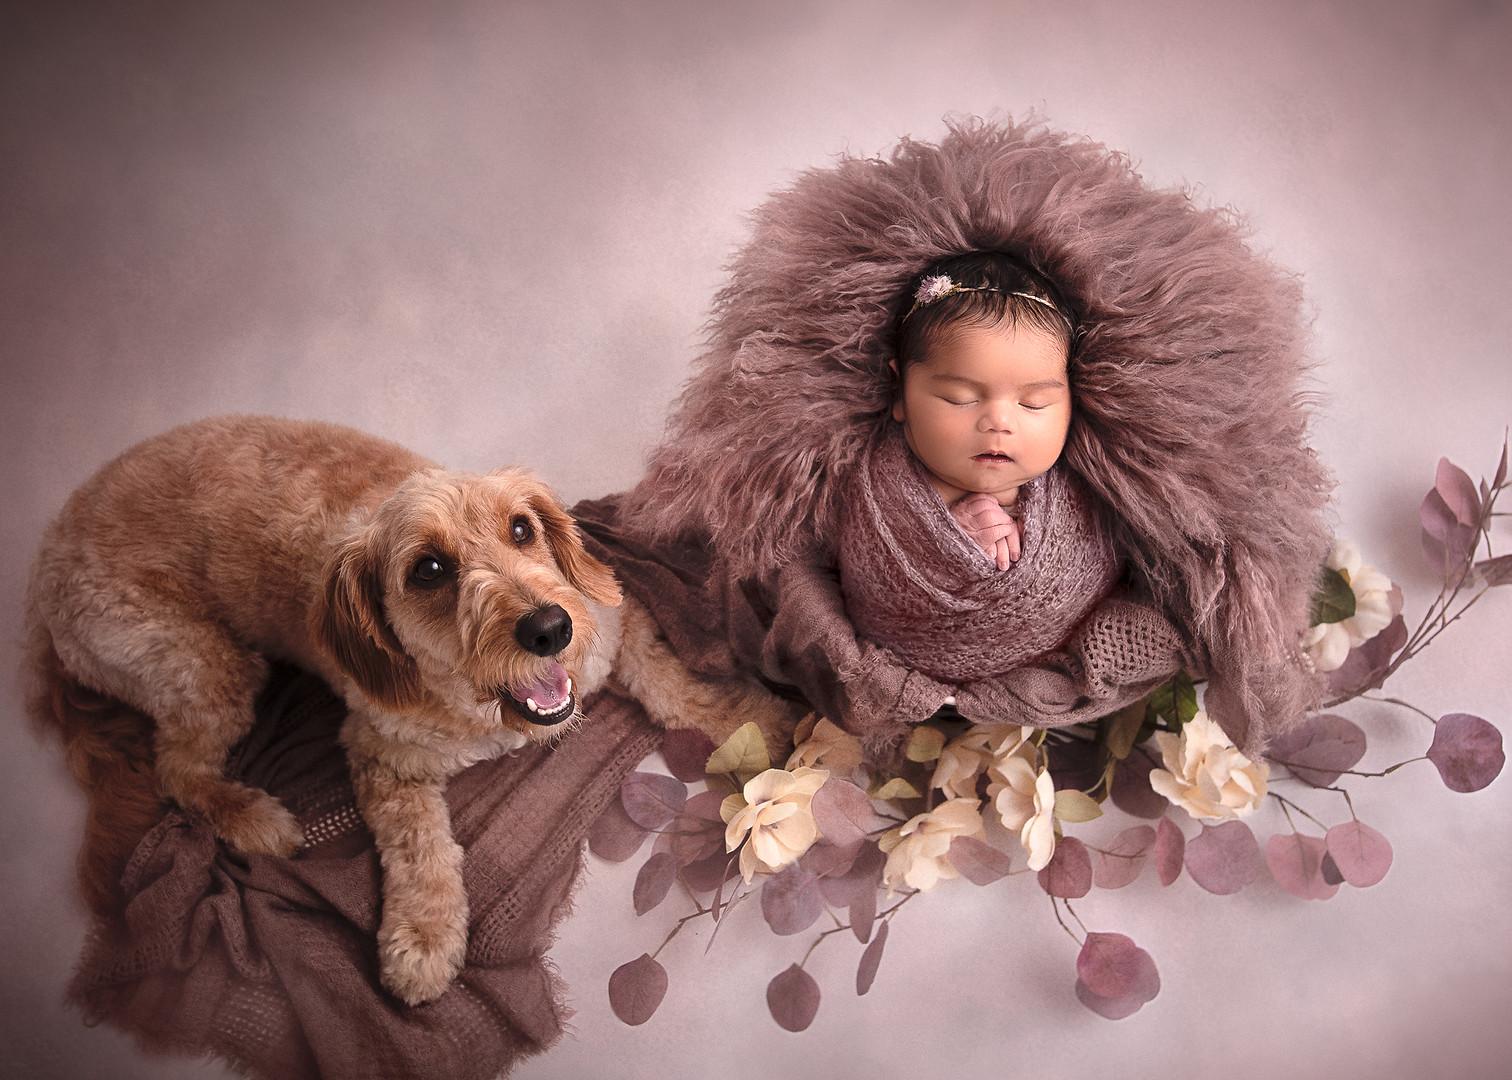 Maine_Newborn_Photographer-40.jpg